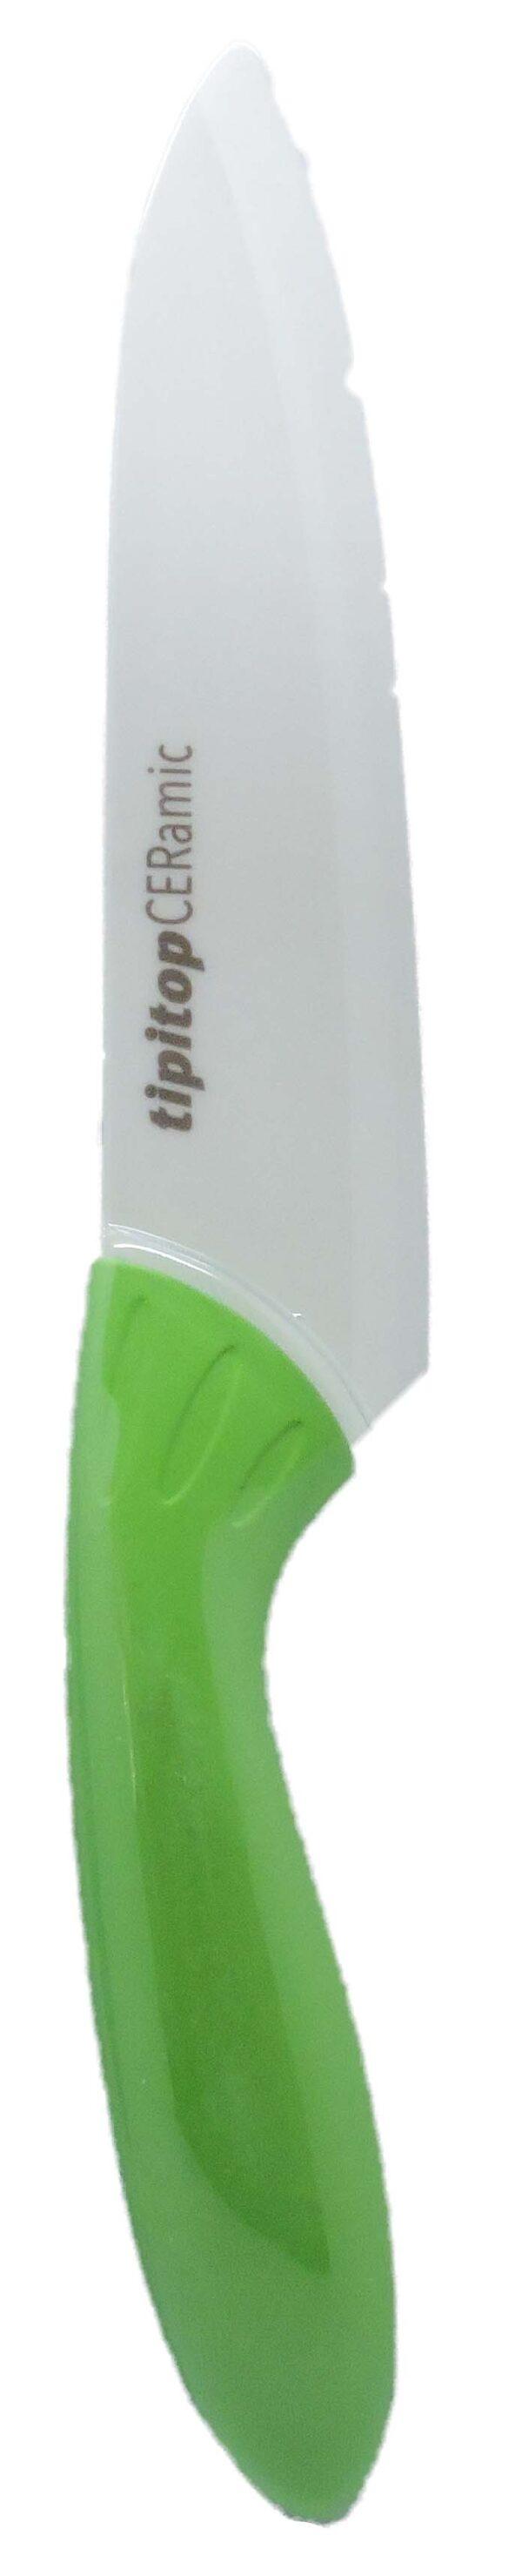 Nož keramični CERMULTI green